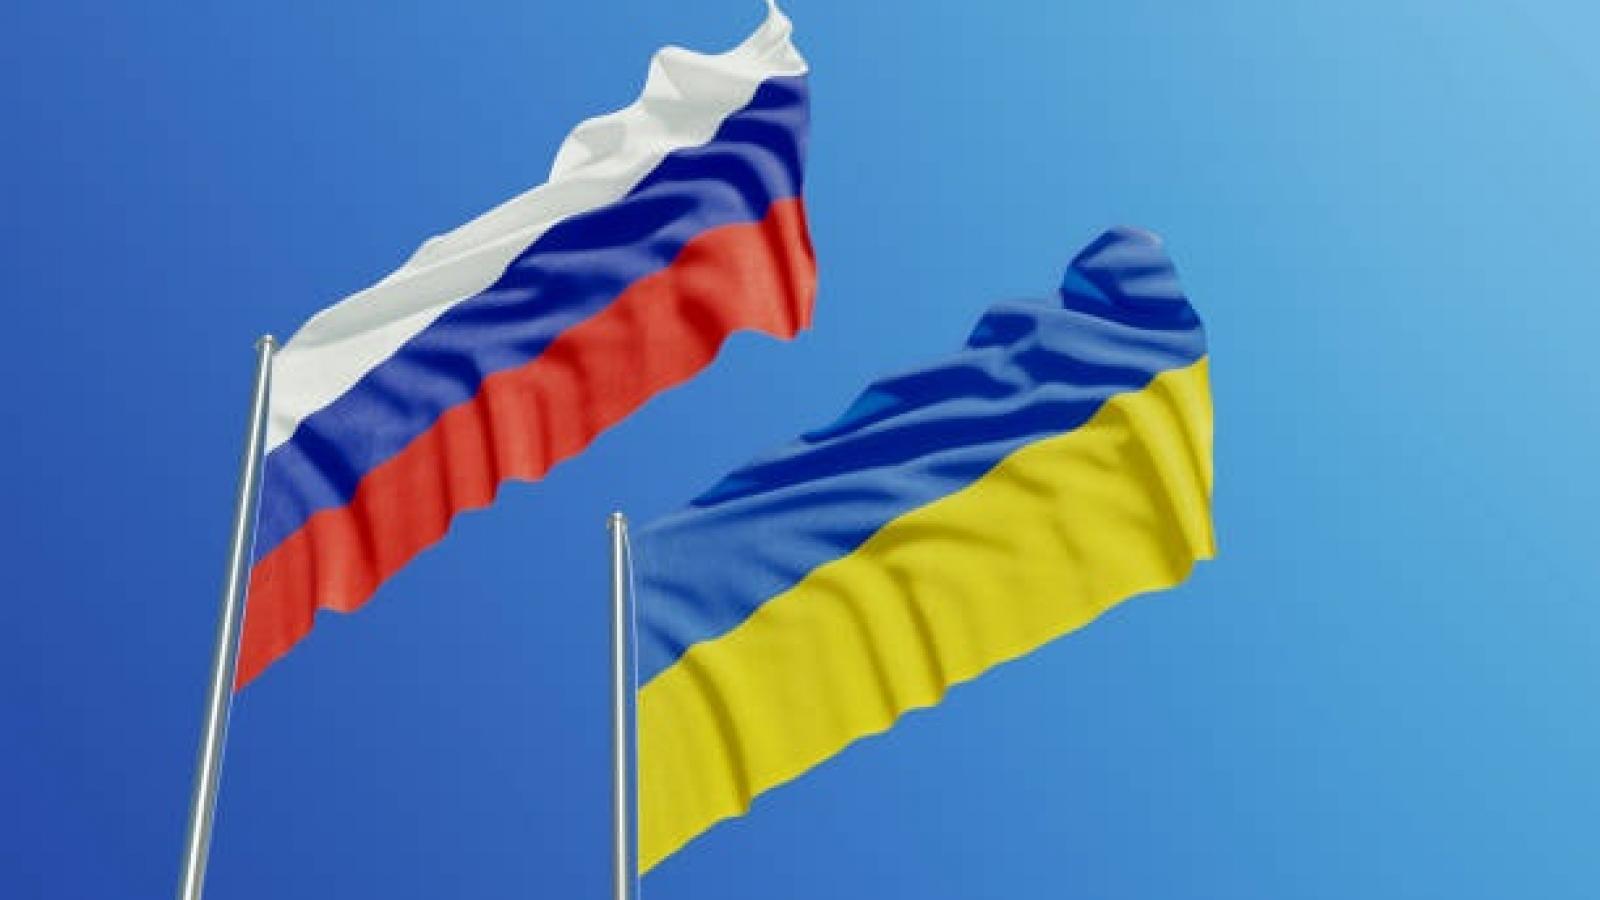 Ukraine xem xét trừng phạt 6 kênh truyền hình phát sóng phim bằng tiếng Nga